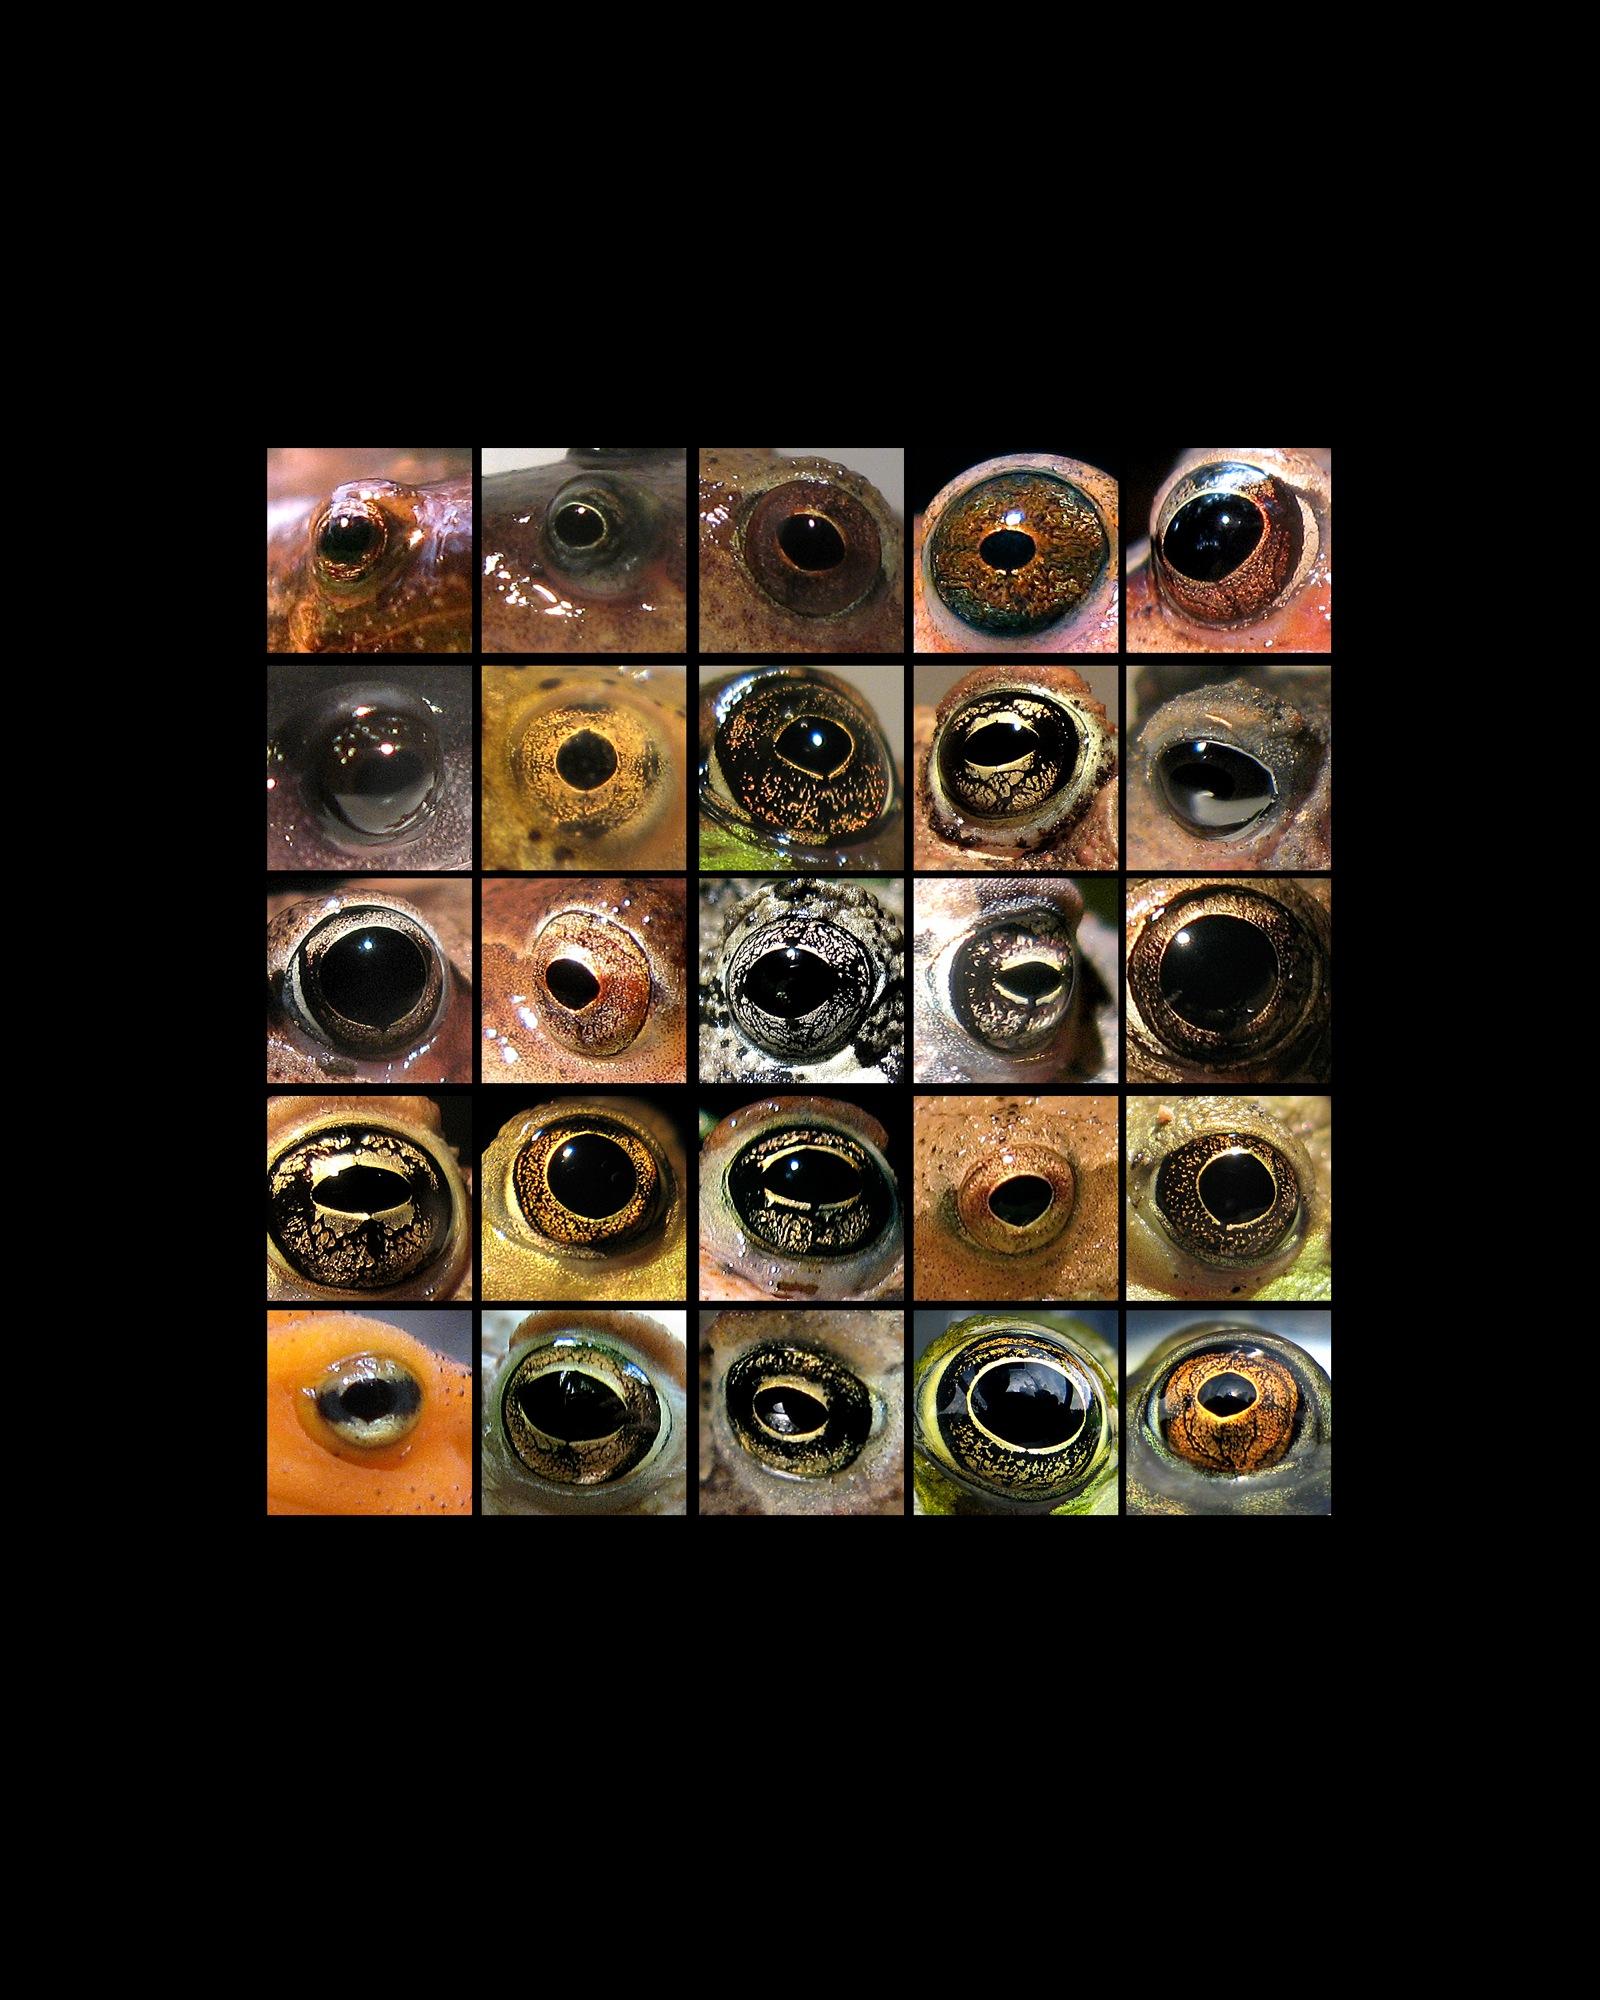 amphibian eyes grid 8x10 copy 3.jpg